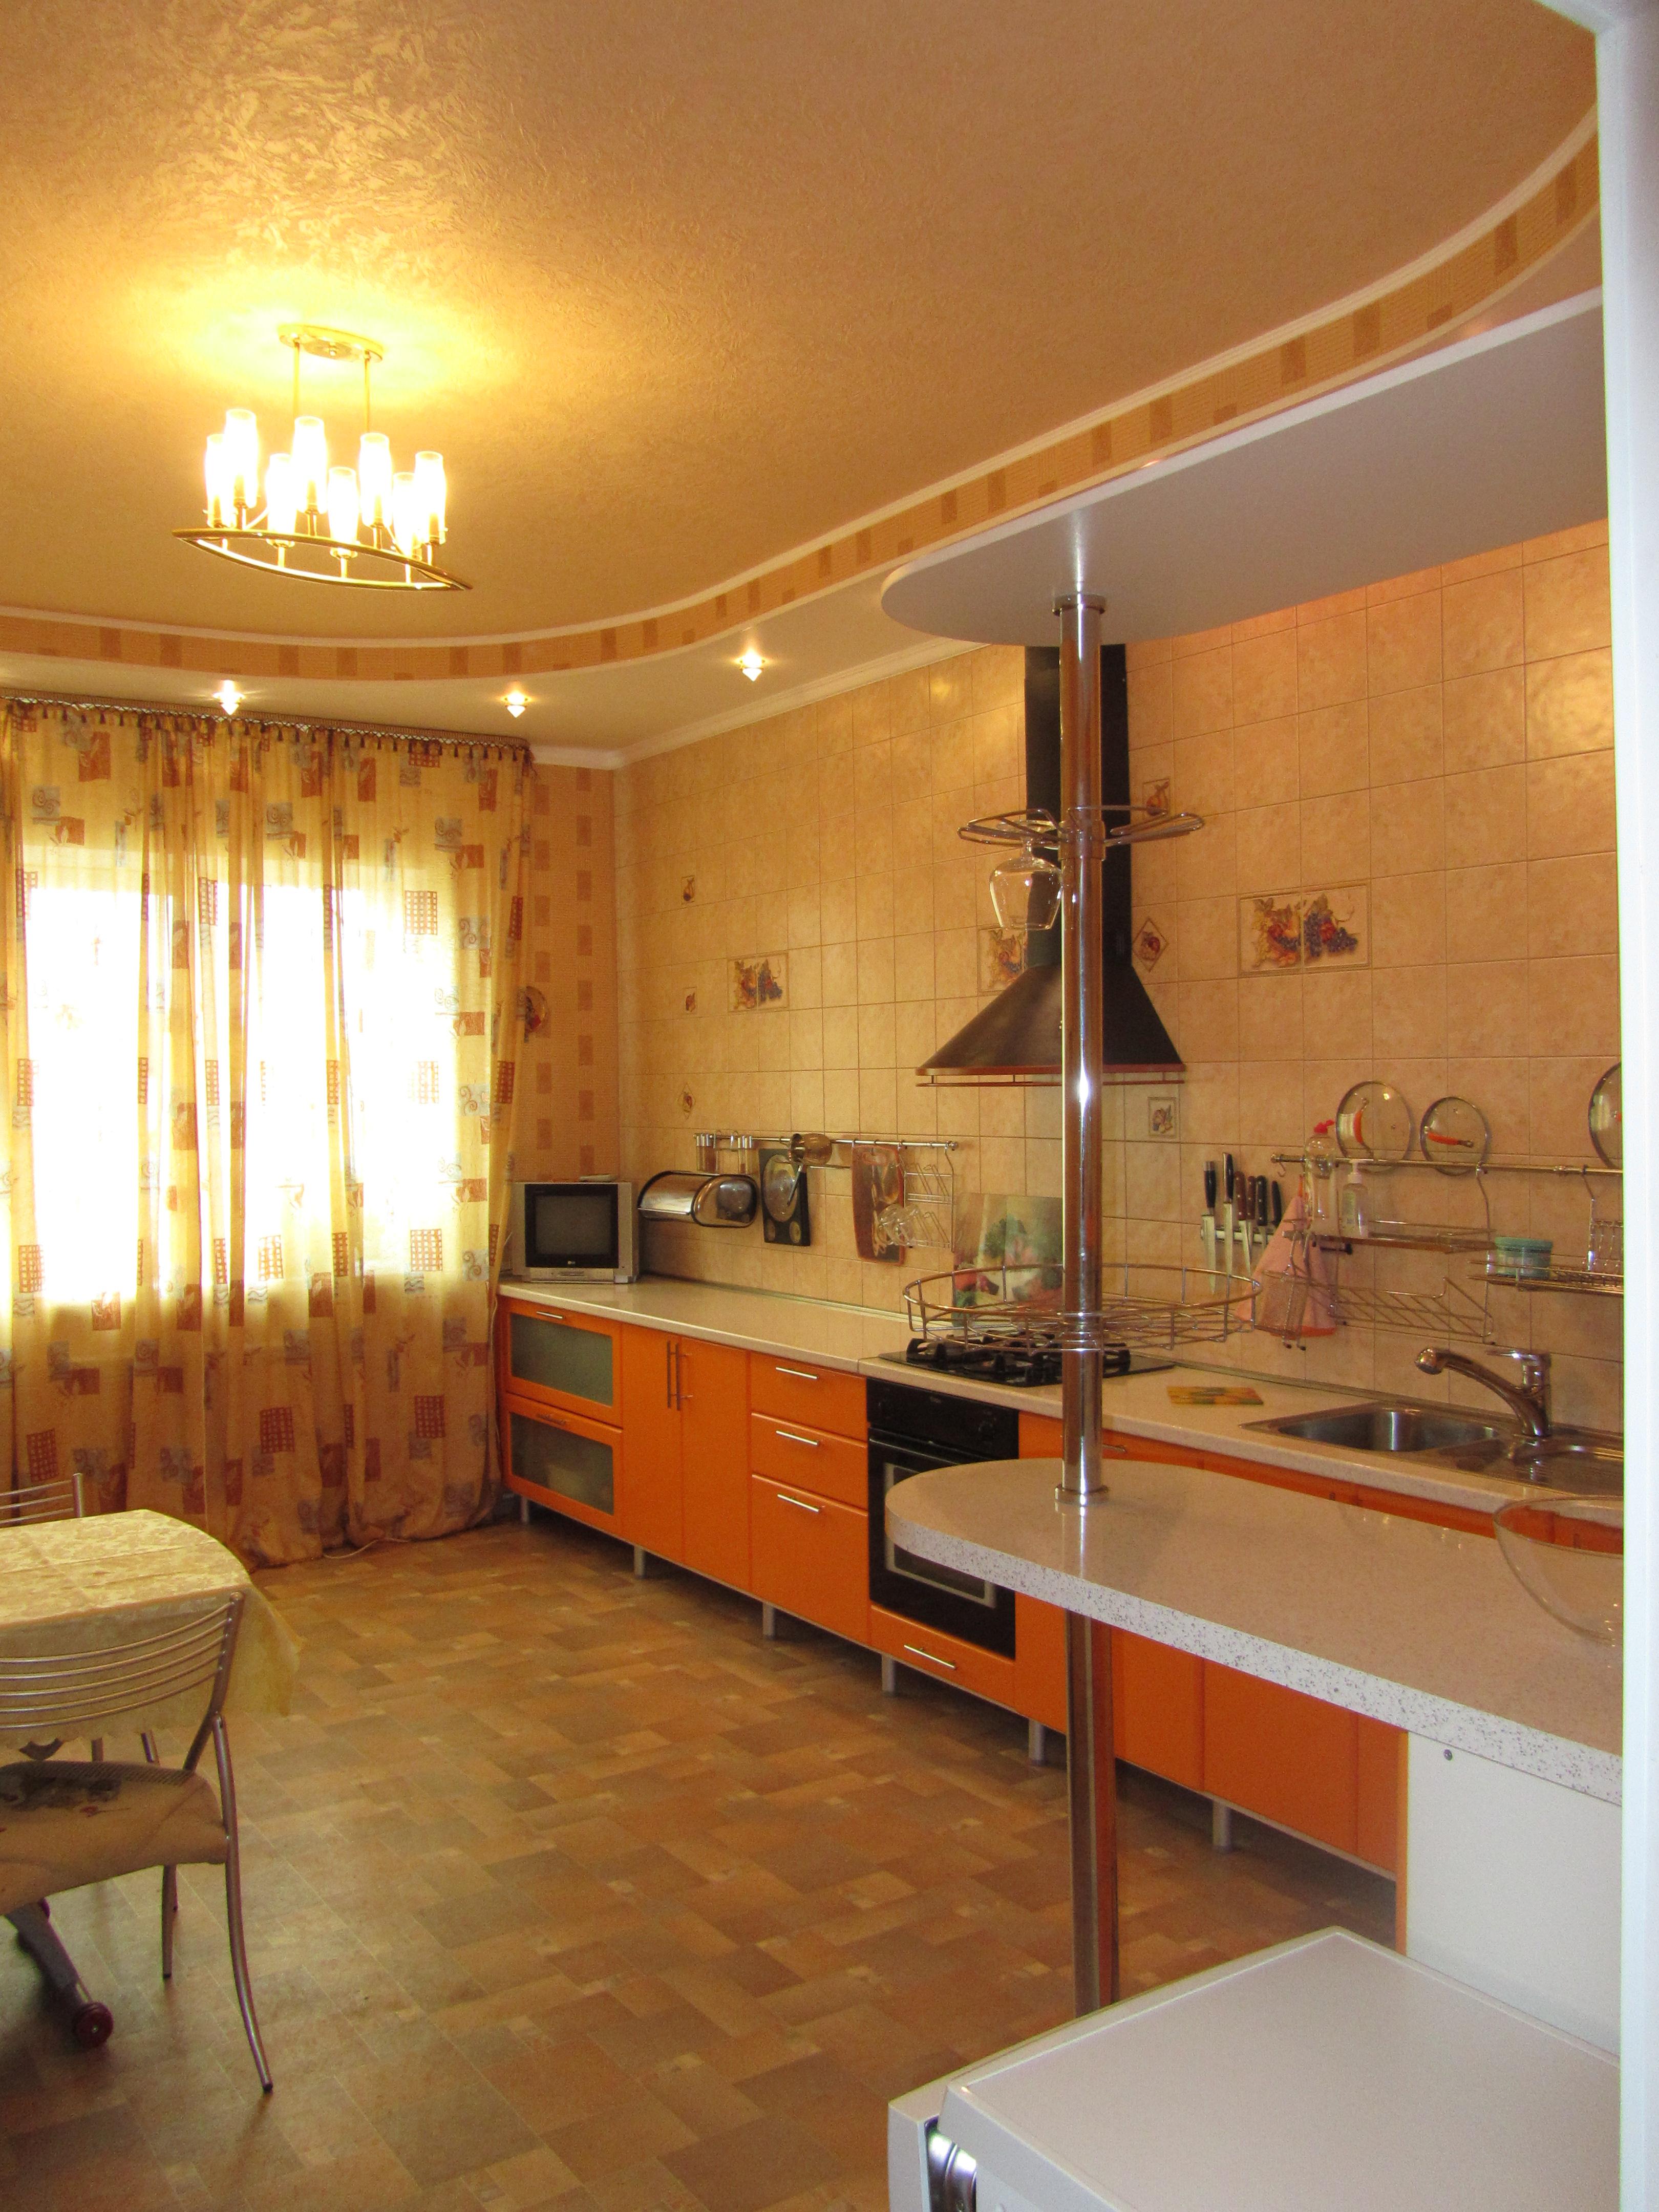 Коттедж в аренду по адресу Россия, Астраханская область, Астрахань, Коломенская ул.986